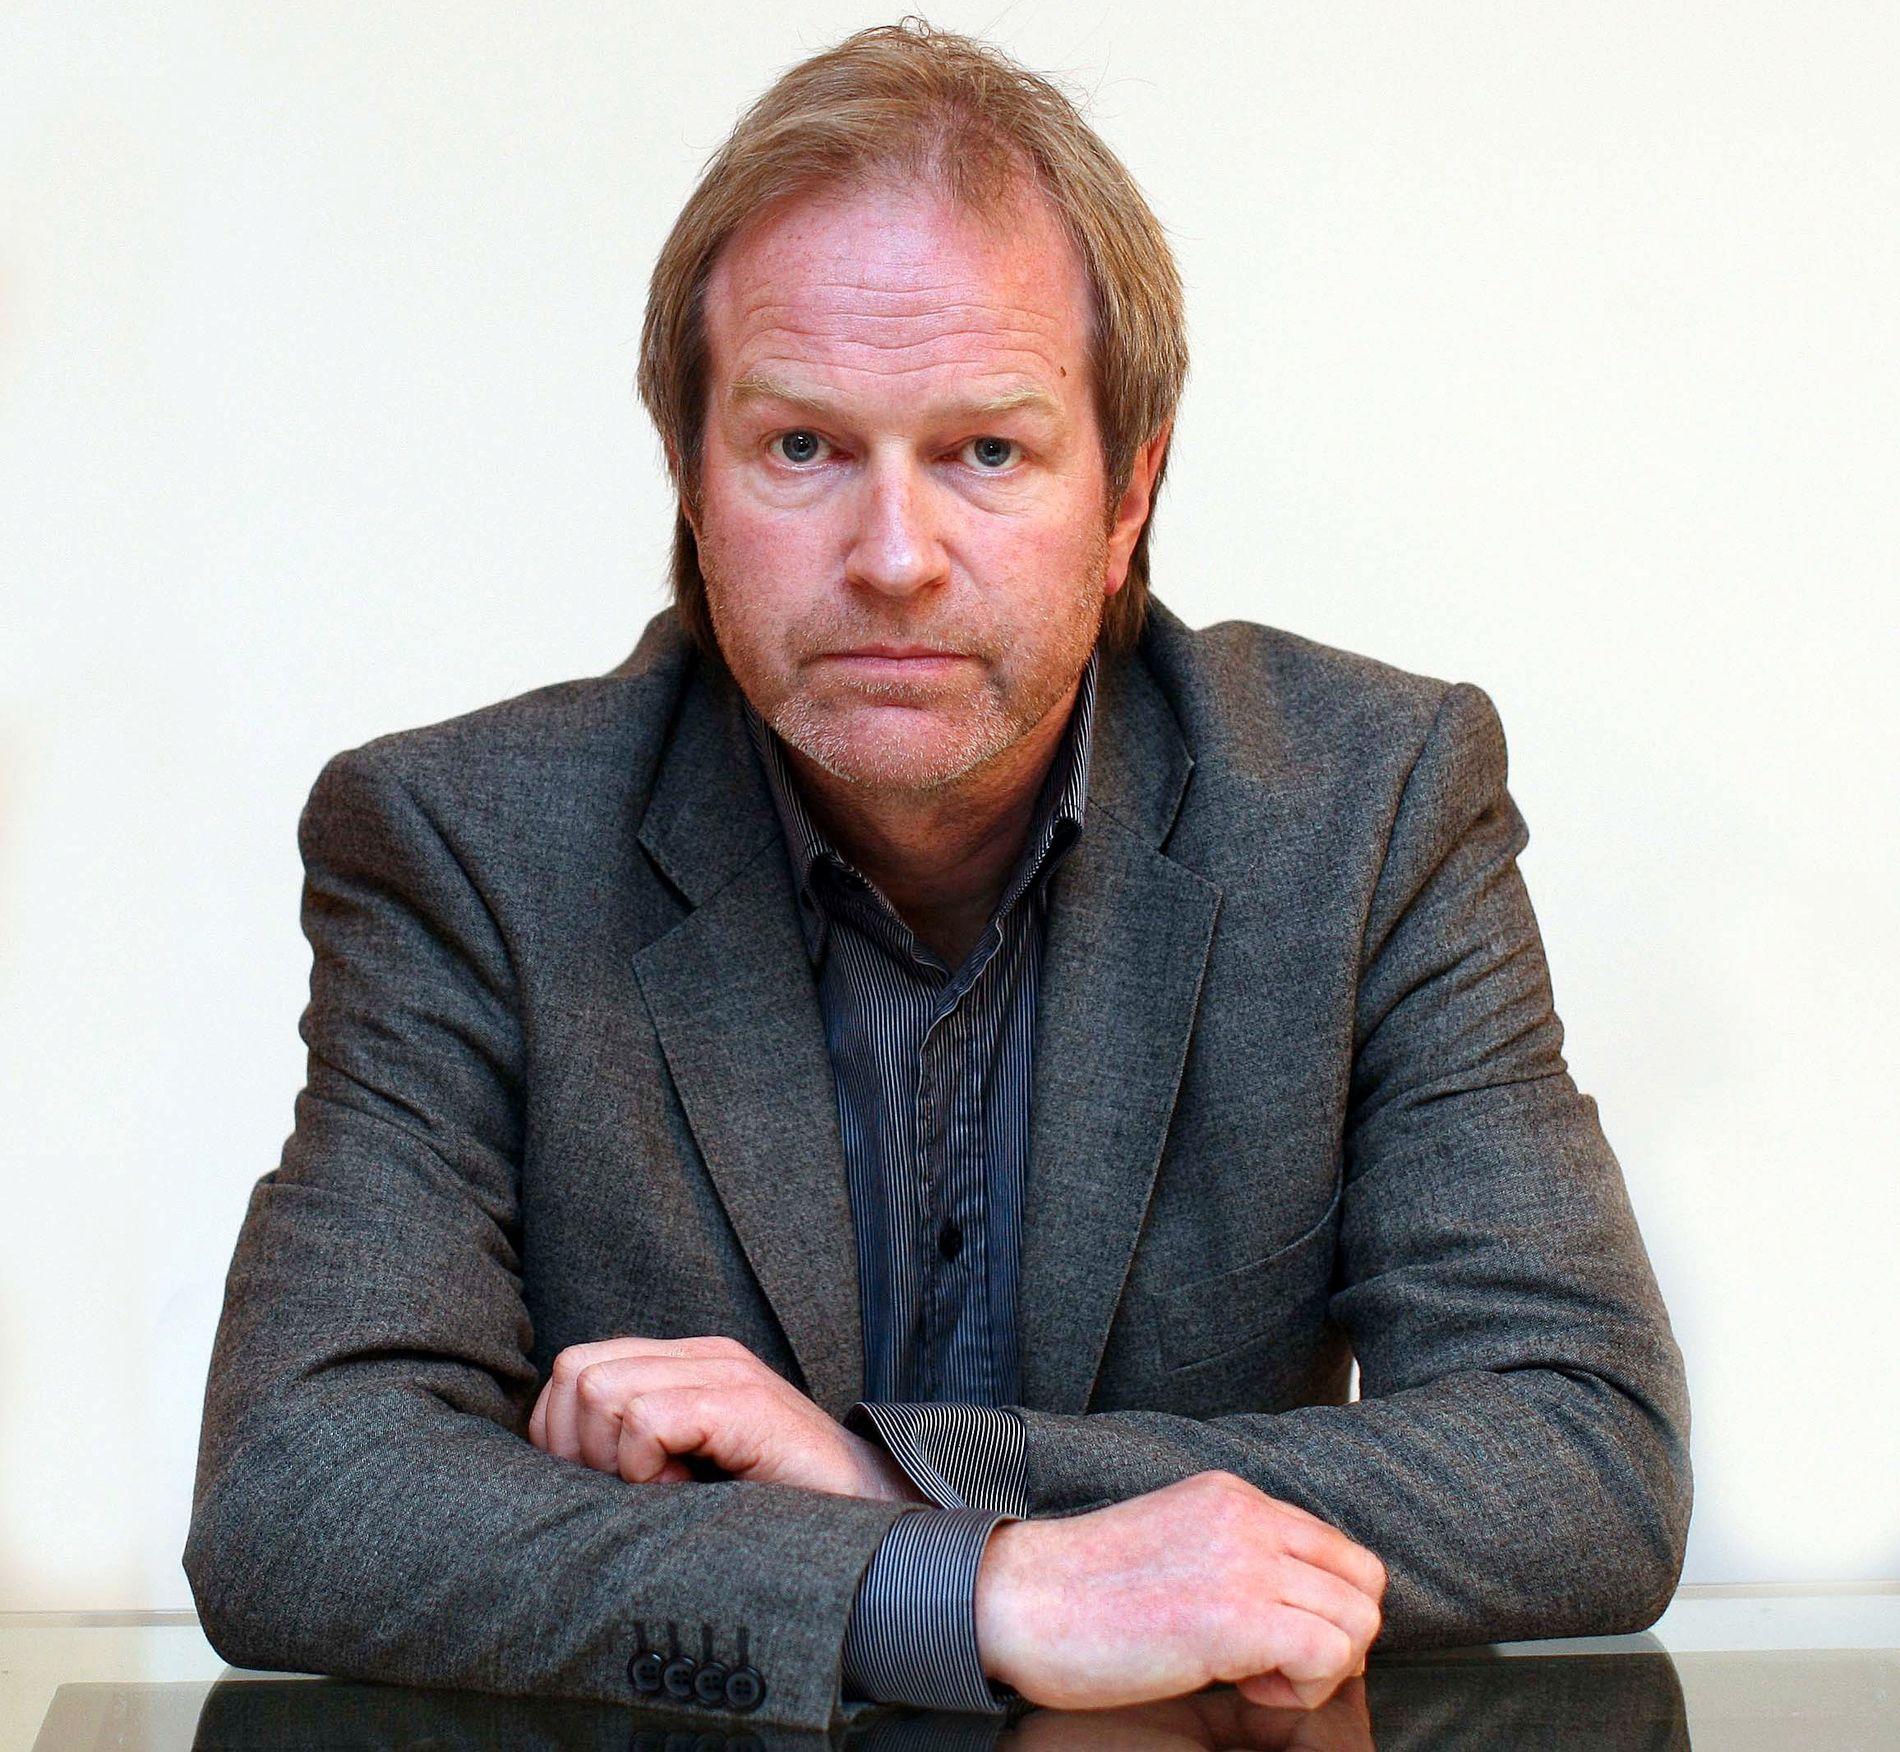 FOTBALLJOURNALIST: Knut Espen Svegaarden er landslagskommentator og fotballjournalist i VG.